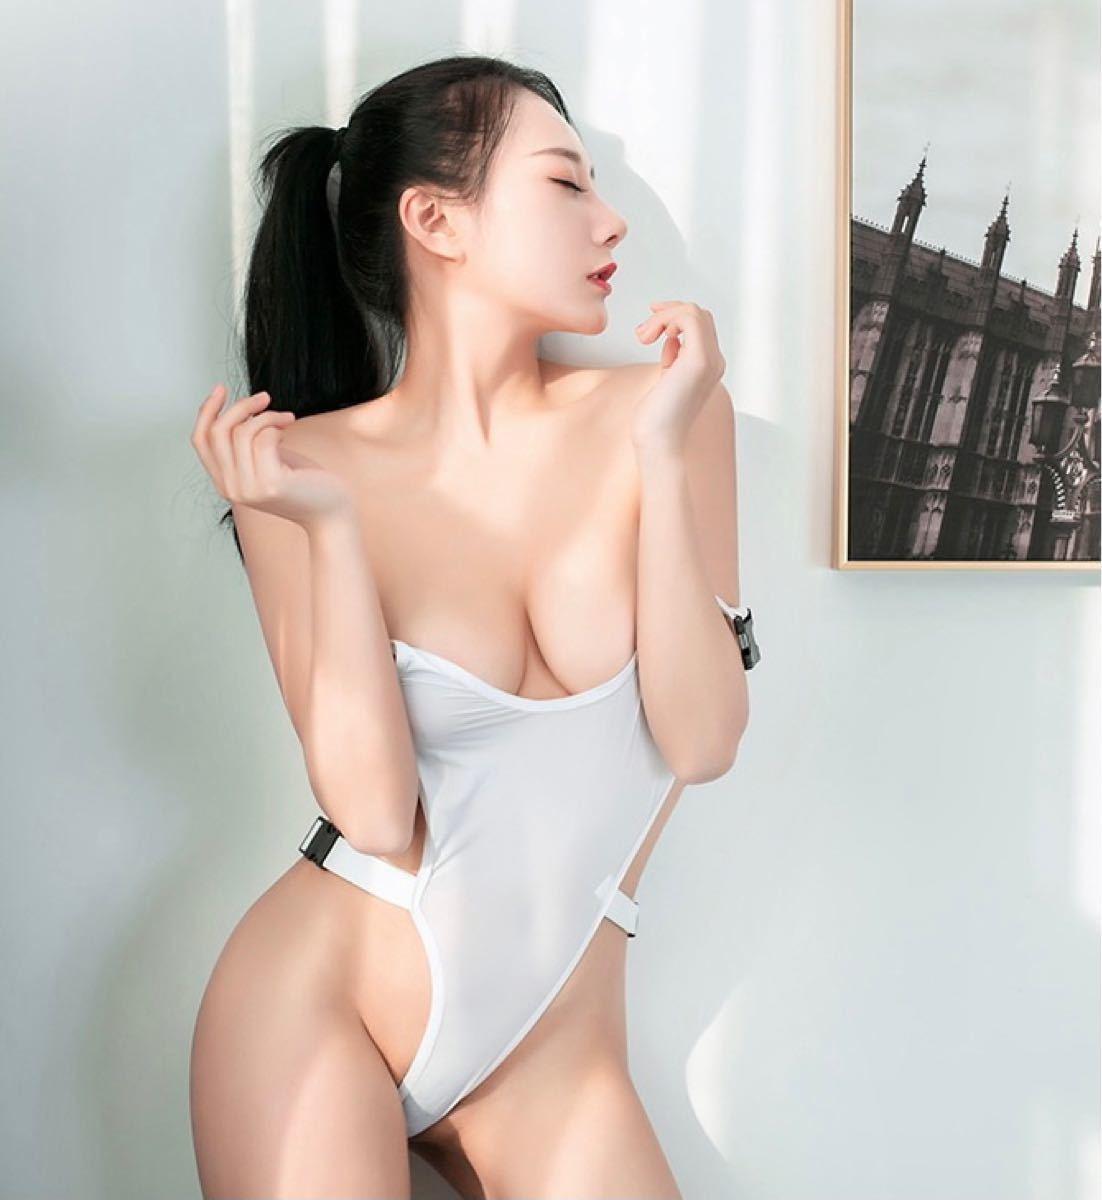 在庫処分特価  sexy 極薄 ハイレグレオタード コスプレ衣装  レースクイーンコスチューム 水着 6161